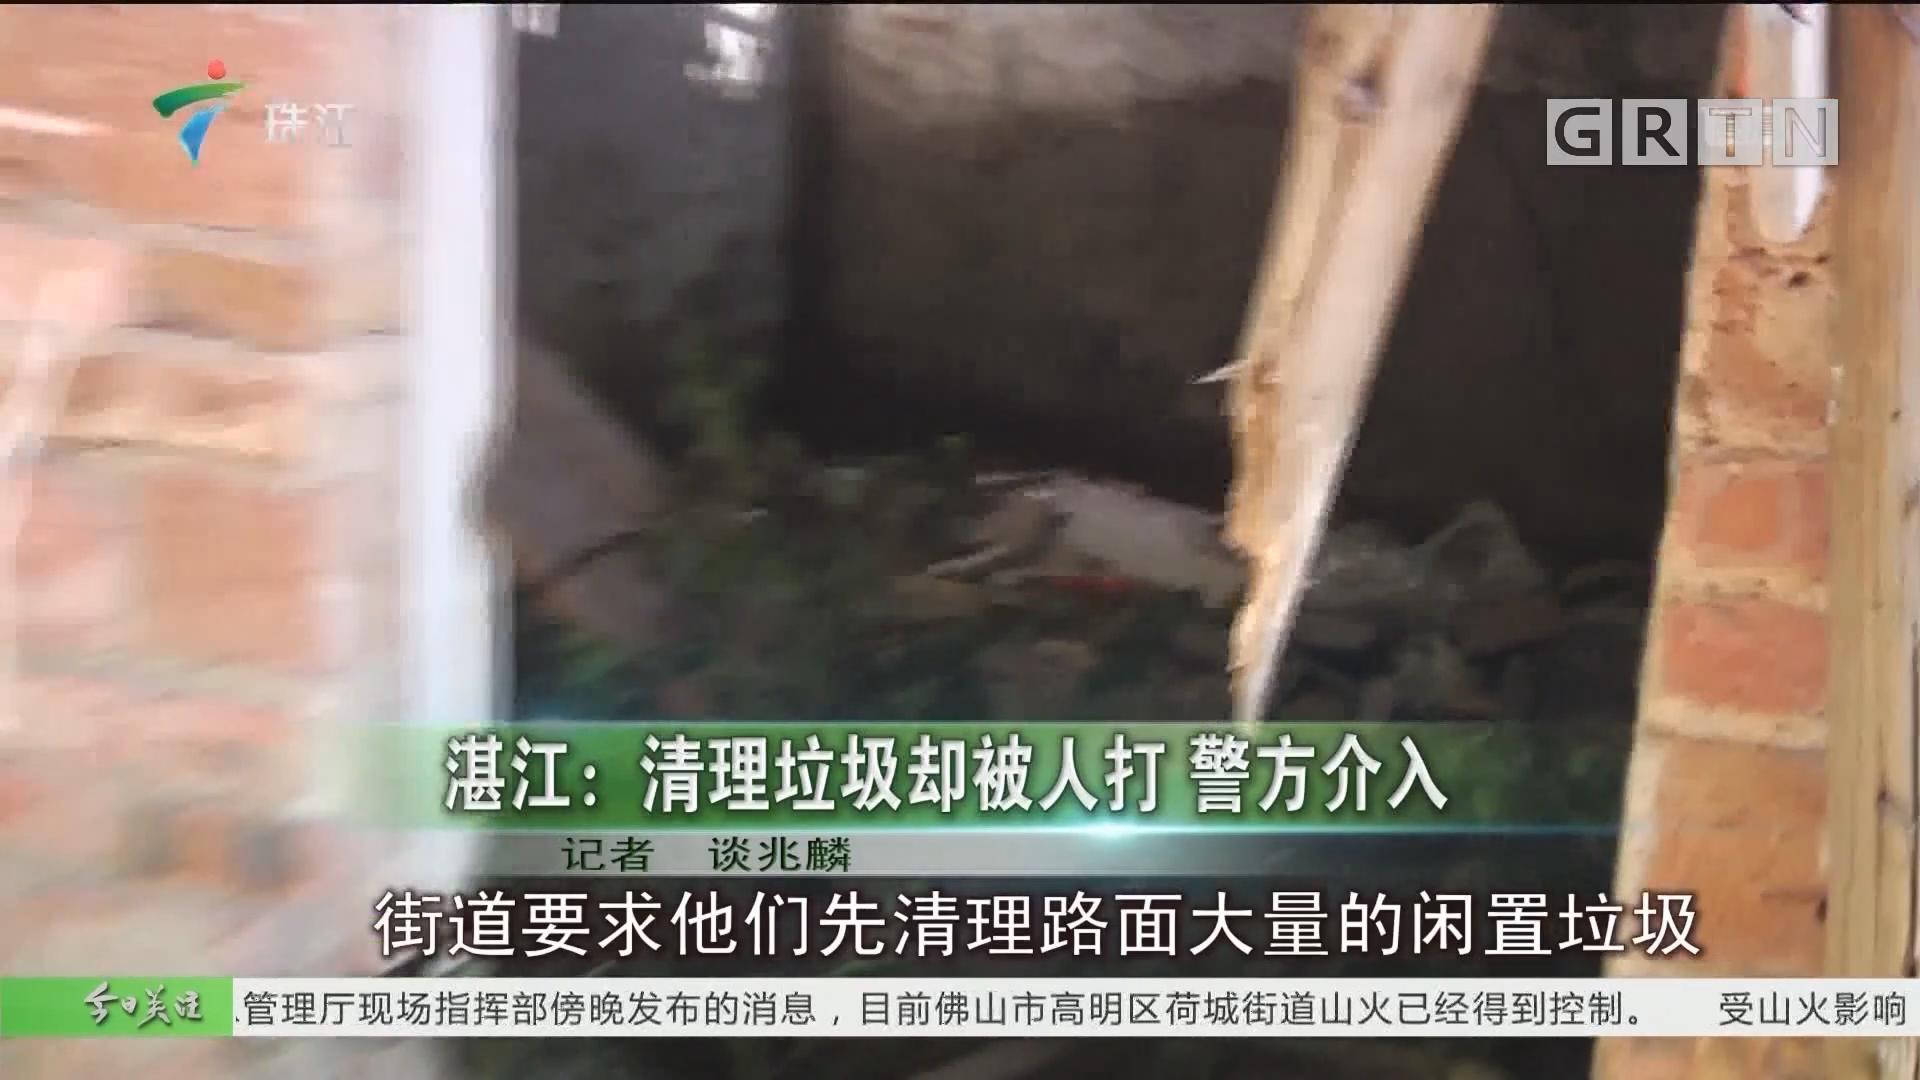 湛江:清理垃圾却被人打 警方介入